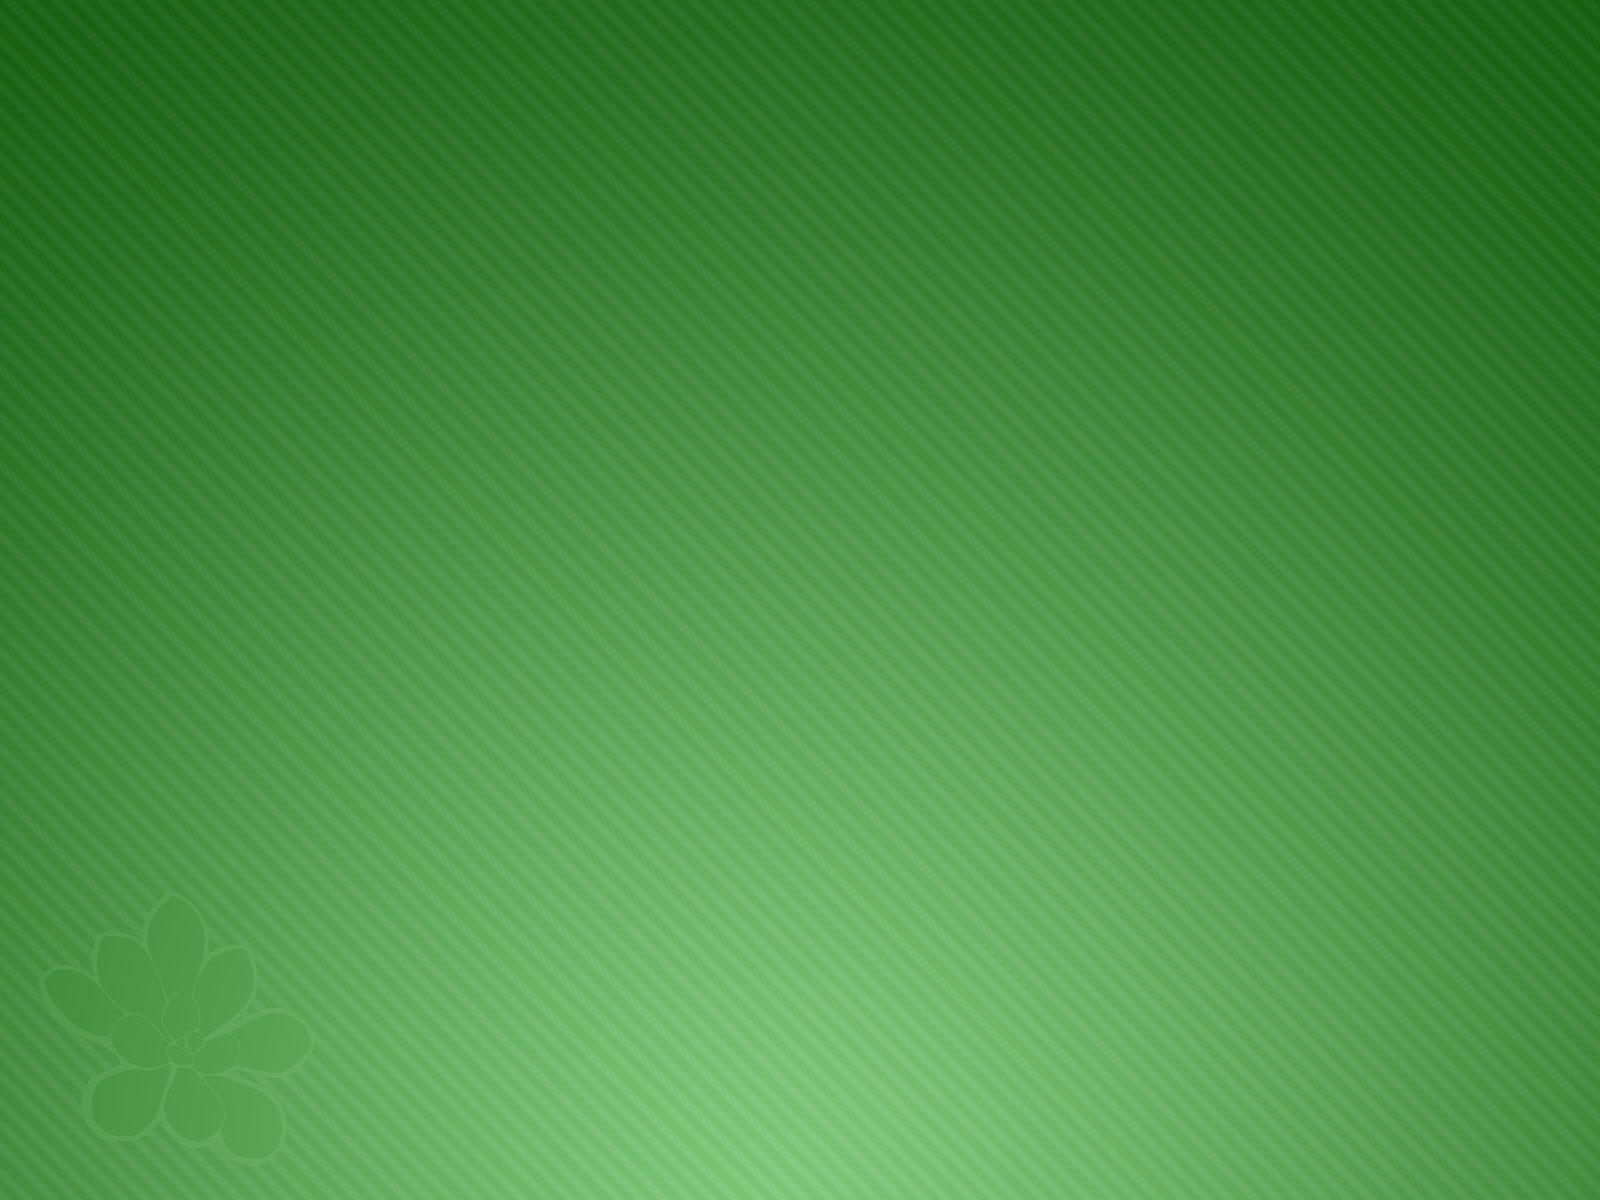 Iphone 6s Carbon Fiber Wallpaper Light Green Background Wallpaper 1600x1200 3512